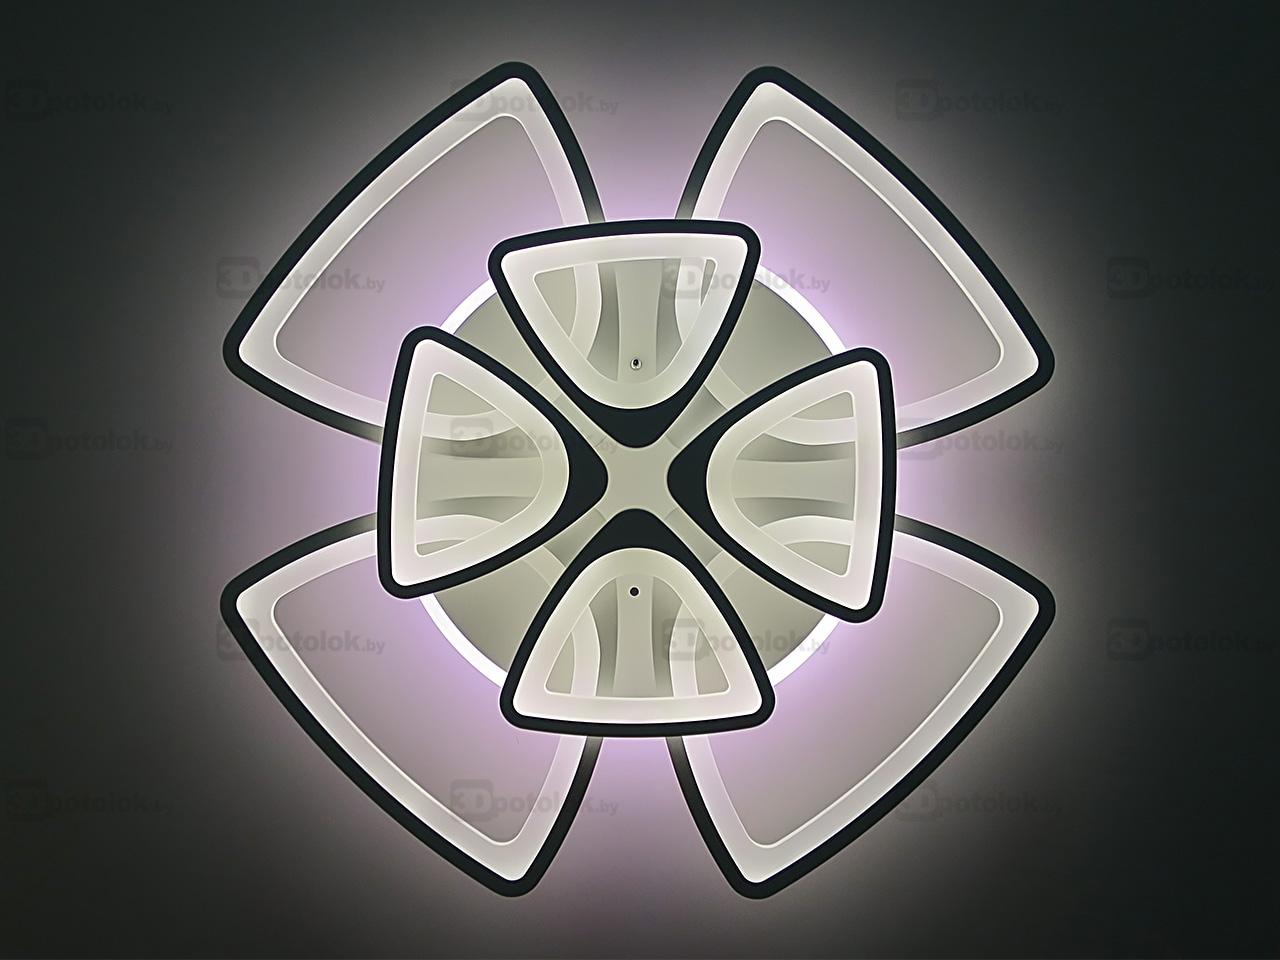 10006_44-WHTBLYL_9_лого